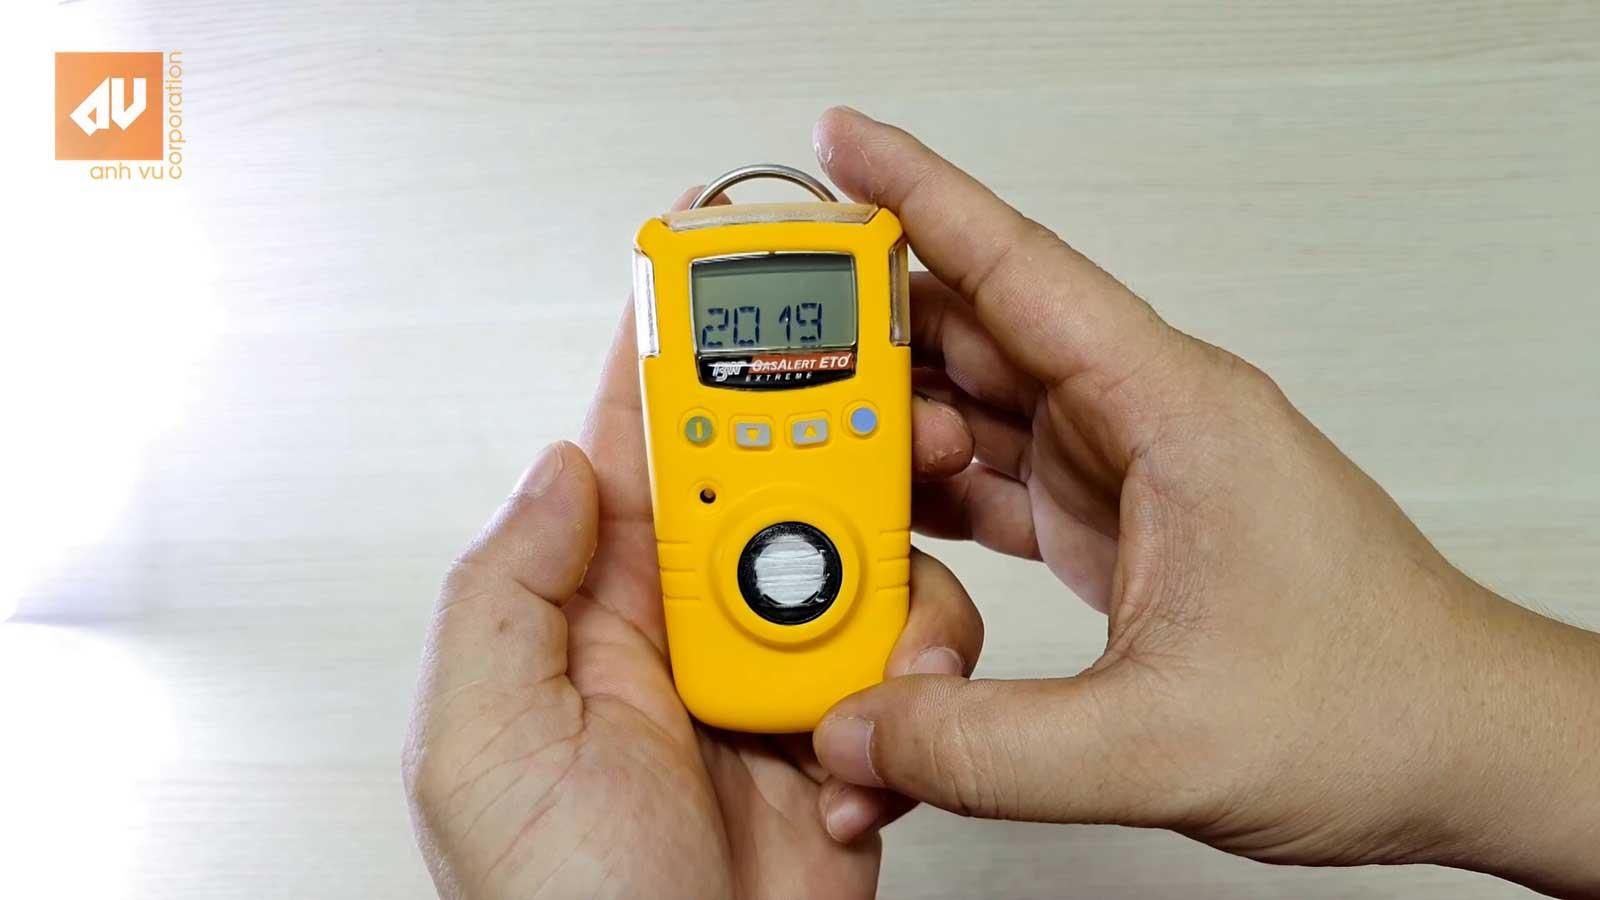 Máy đo khí đơn chỉ tiêu GasAlert Extreme, tuỳ chọn: H2S; NO; CO; HCN; O2; Cl2; SO2; ClO2; PH3; O3; NH3; ETO; NO2